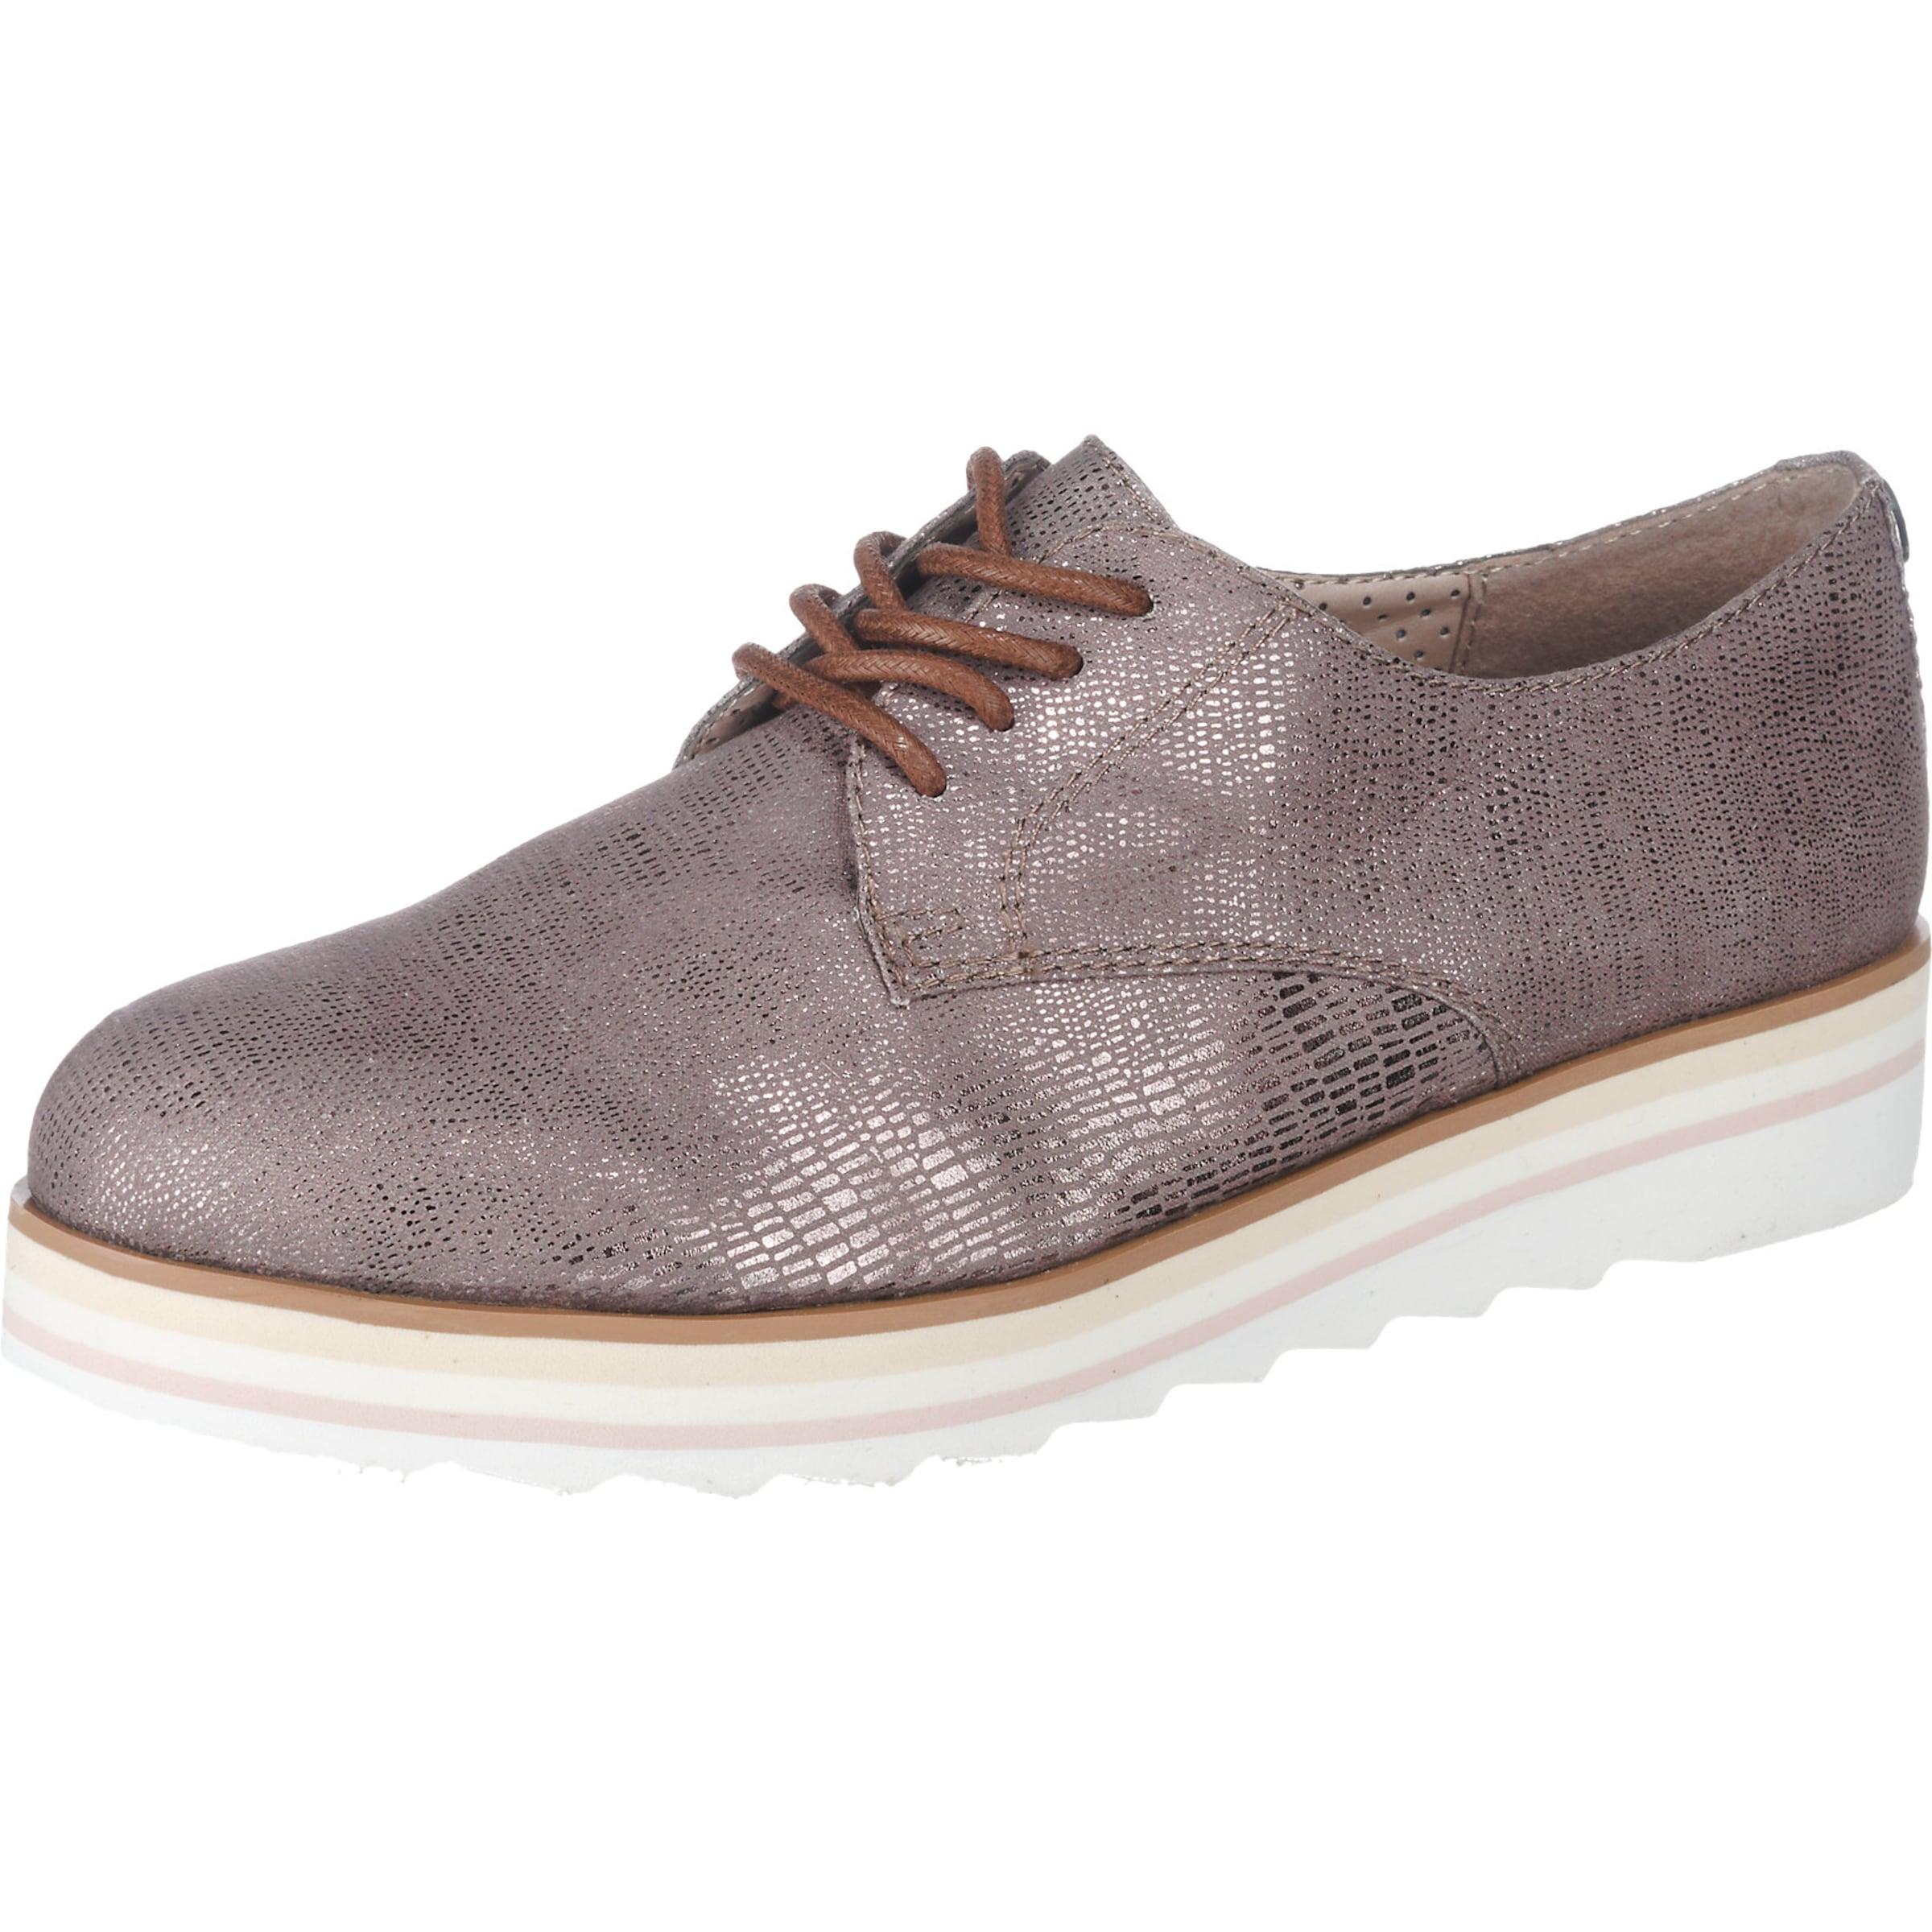 TOM TAILOR Schnürschuh Glitter Verschleißfeste billige Schuhe